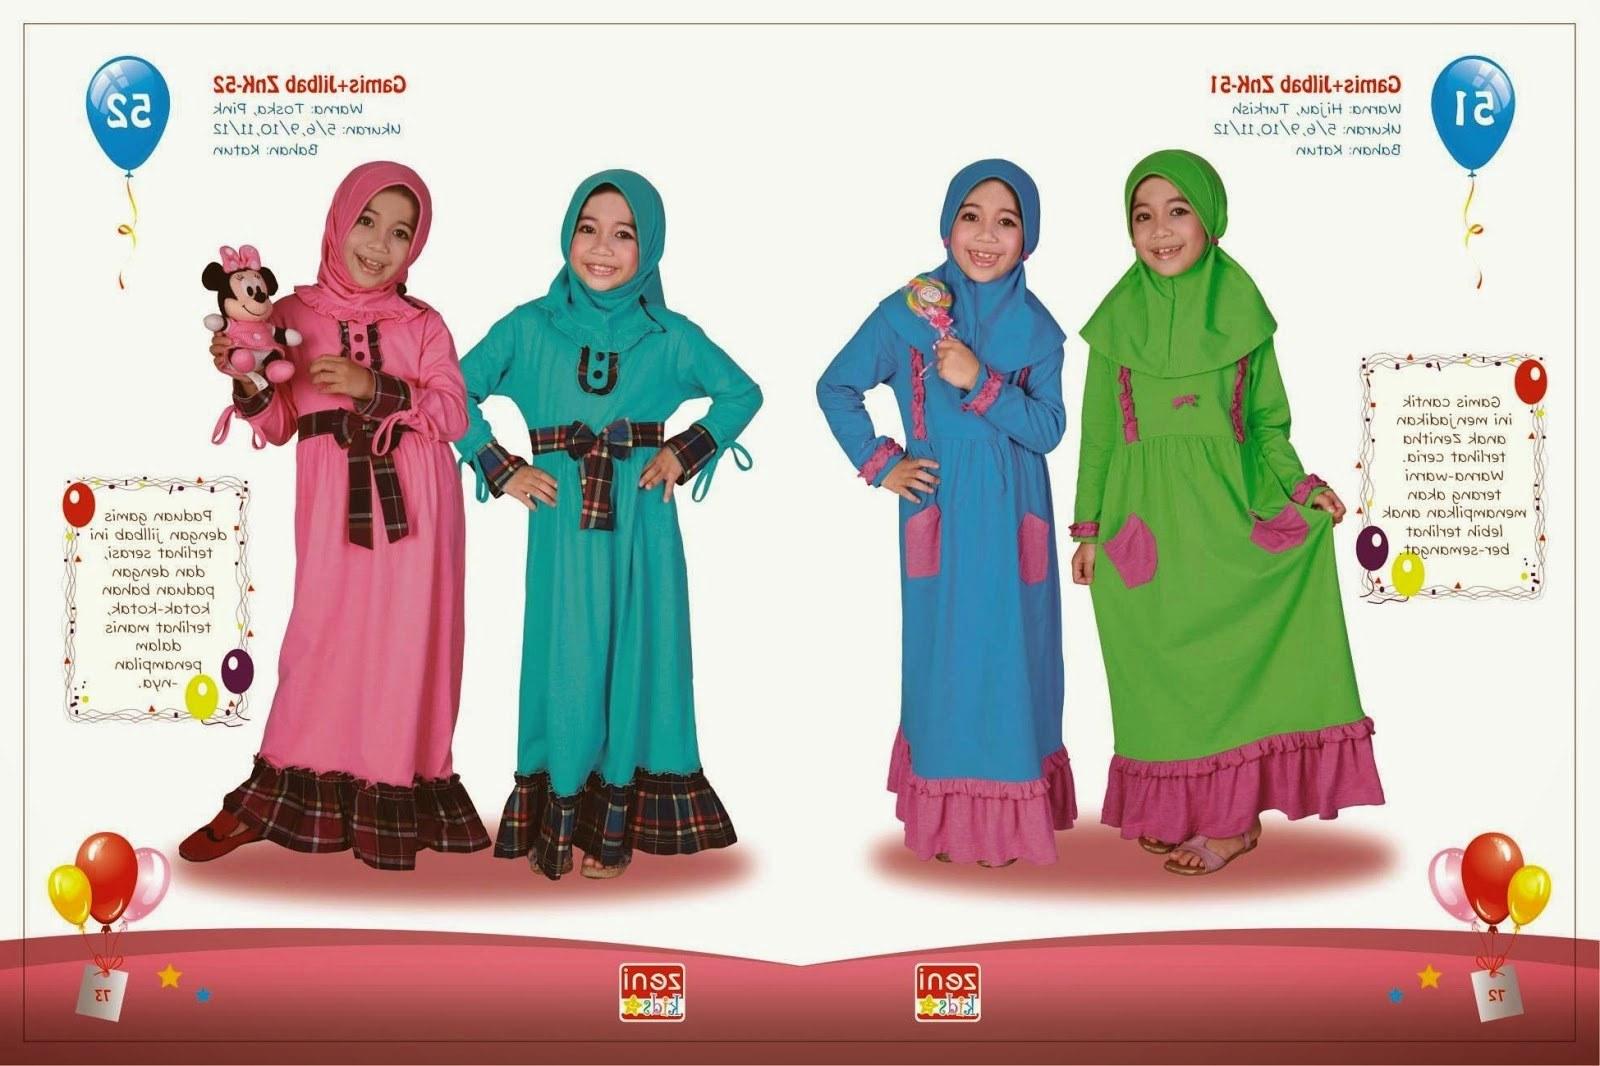 Ide Baju Lebaran Lucu Thdr Baju Lebaran Anak Setelan Gamis Yang Imut Dan Lucu 2015